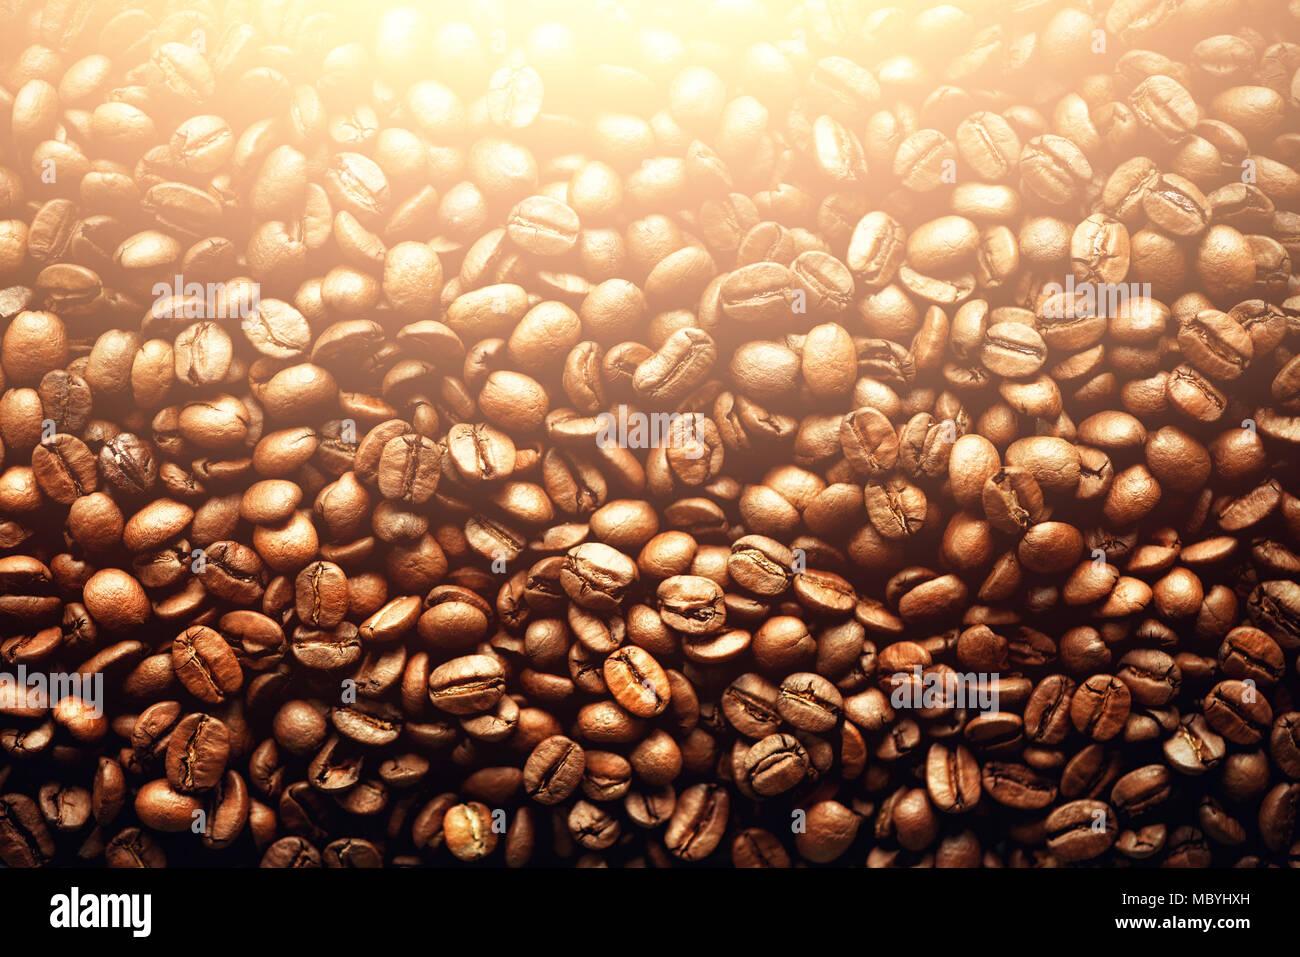 Les grains de café torréfié, arrière-plan copie espace, vue du dessus. Cappuccino, espresso, noir foncé arôme caféine boisson, ingrédient de café. L'analyse macro Photo Stock